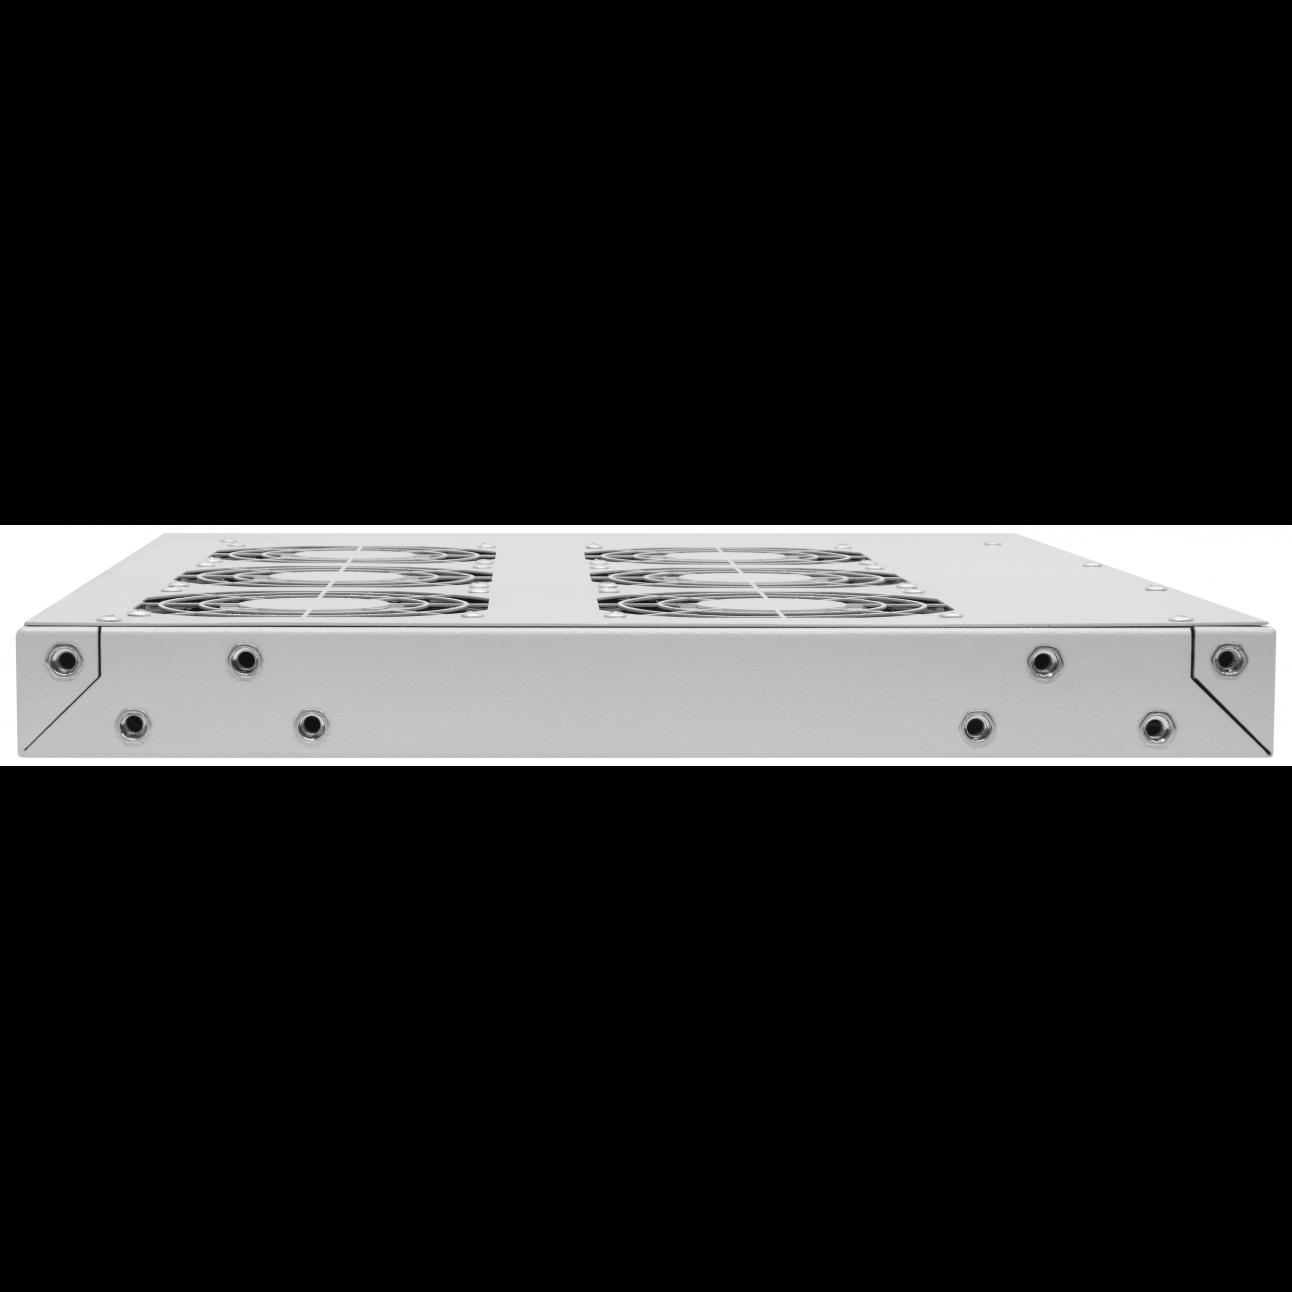 """Модуль вентиляторный 19"""", 6 вентиляторов, регулируемая глубина 460-830мм, с термостатом"""